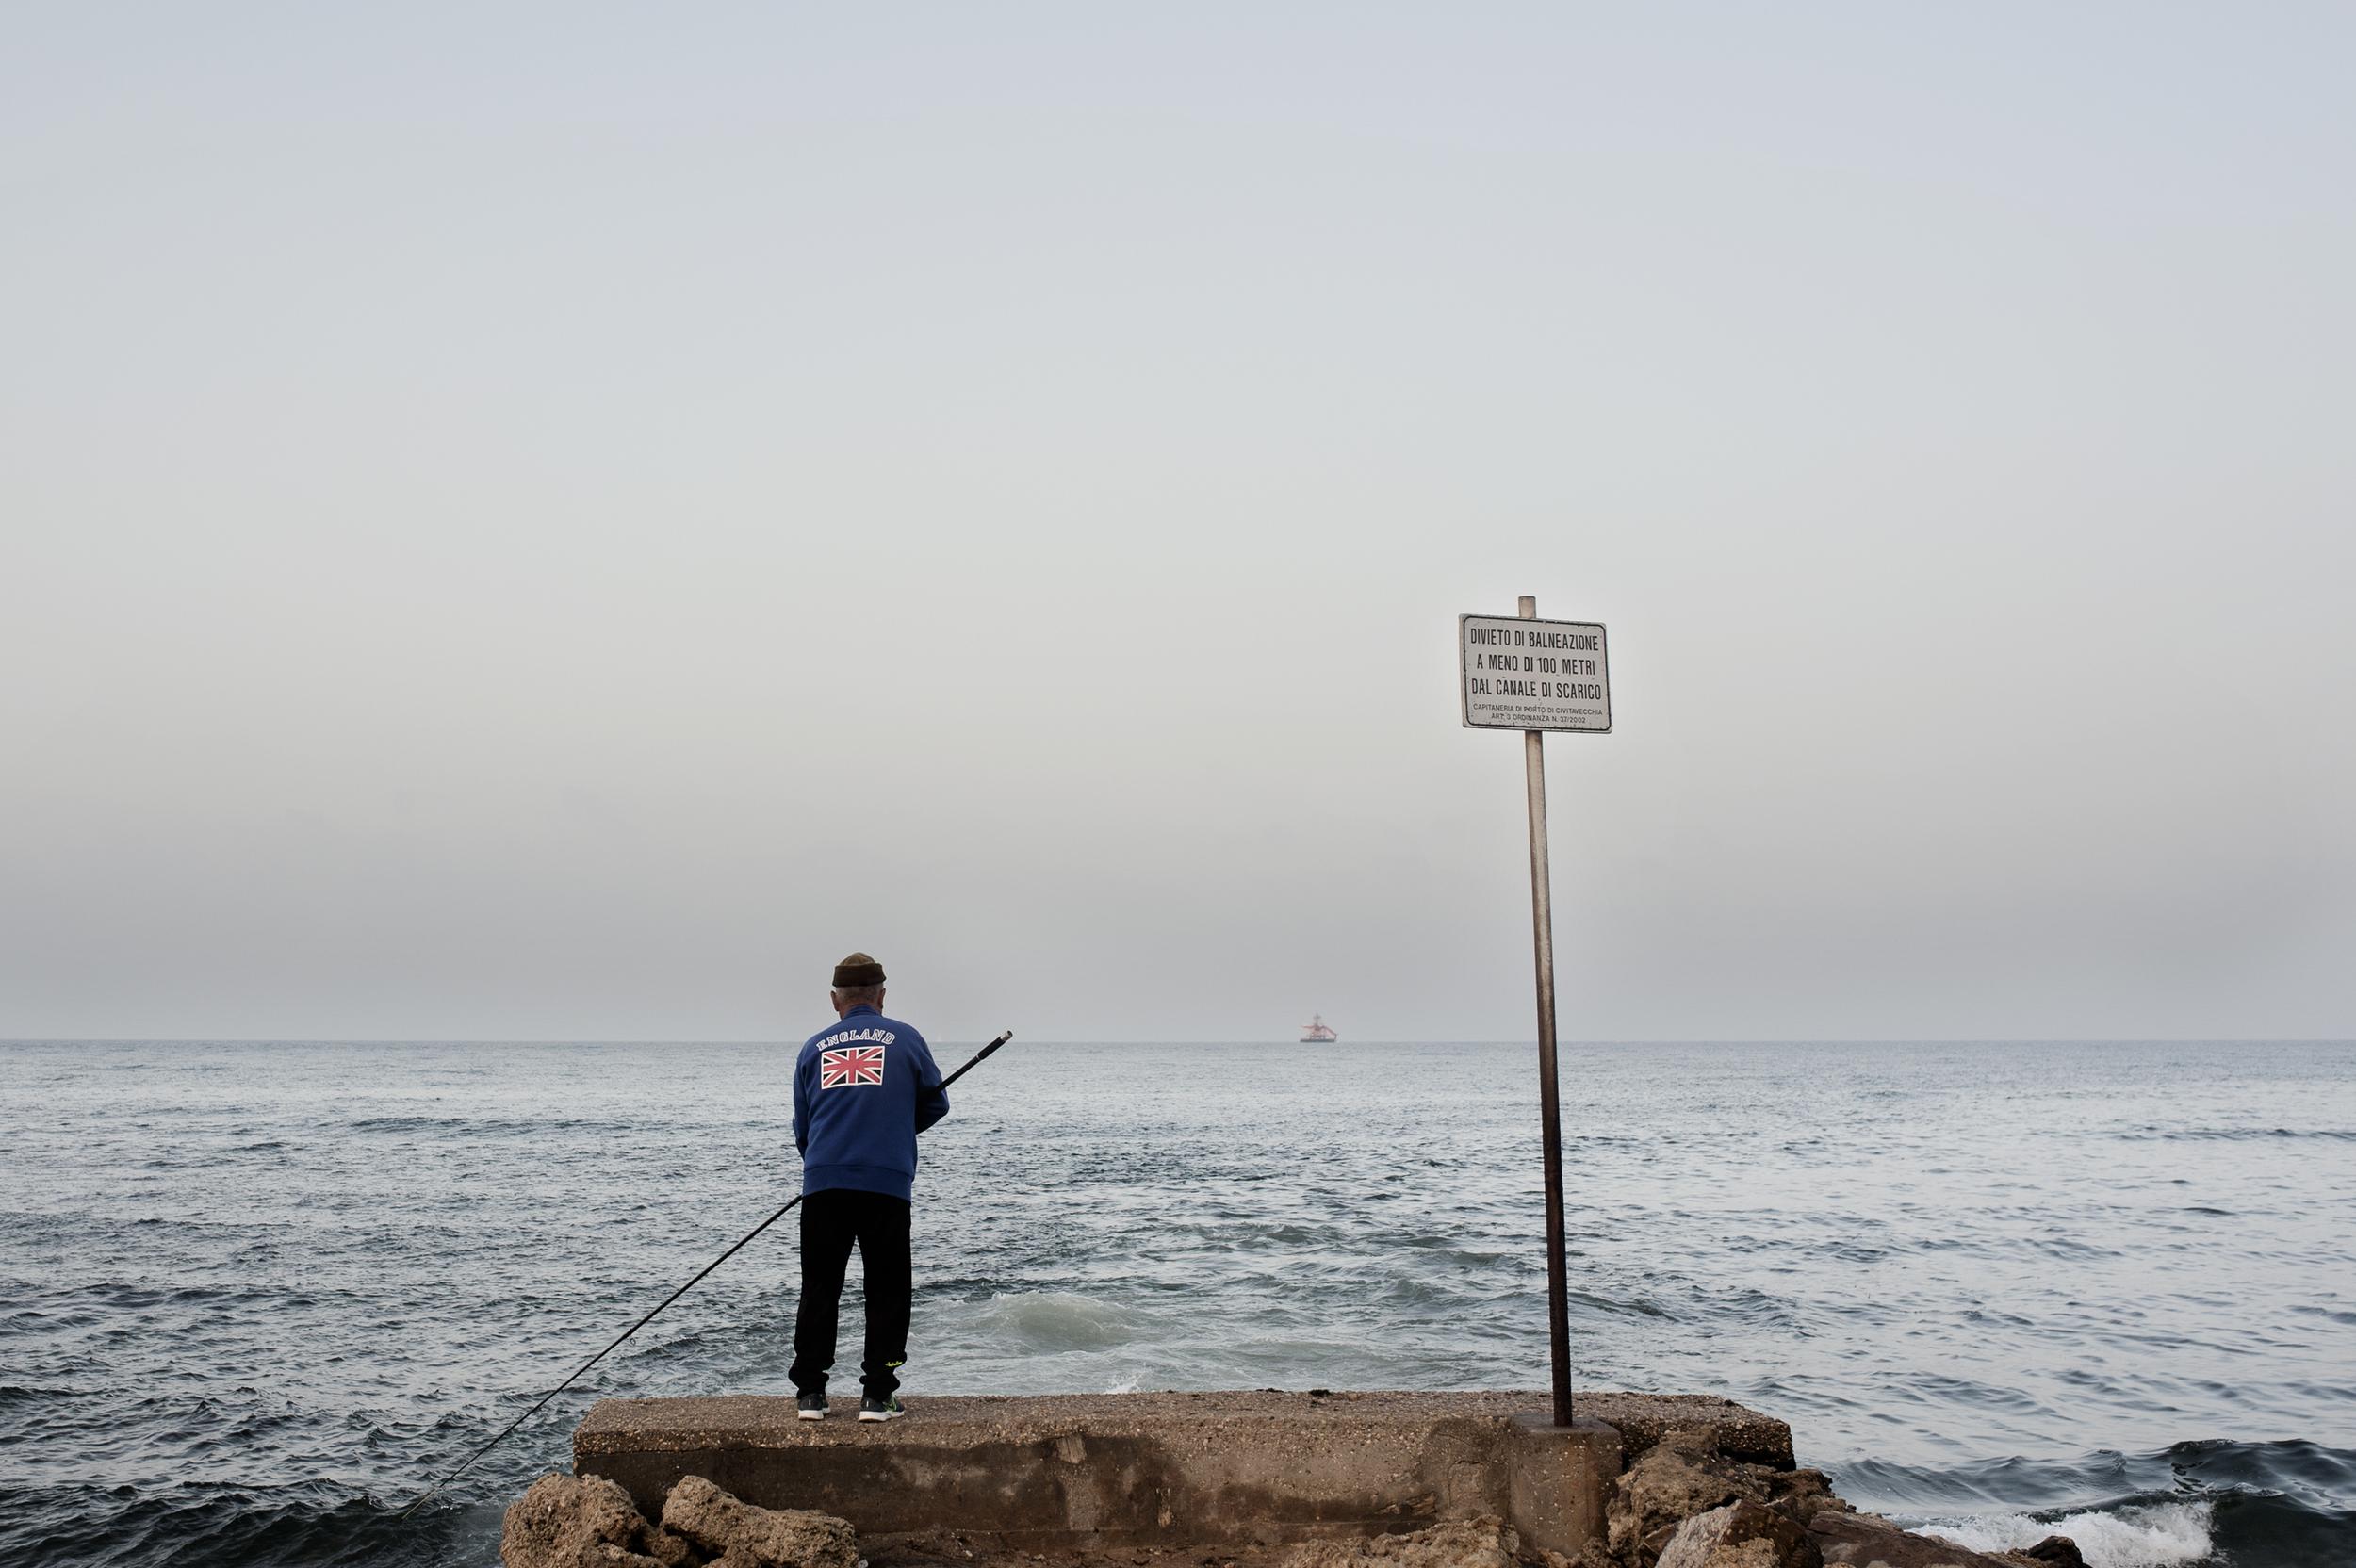 Il mare è una risorsa molto importante per Civitavecchia: un bene fondamentale sia per le attività commerciali che per quelle ricreative, come la pesca sportiva il surf e la vela. (Giulia Morelli)